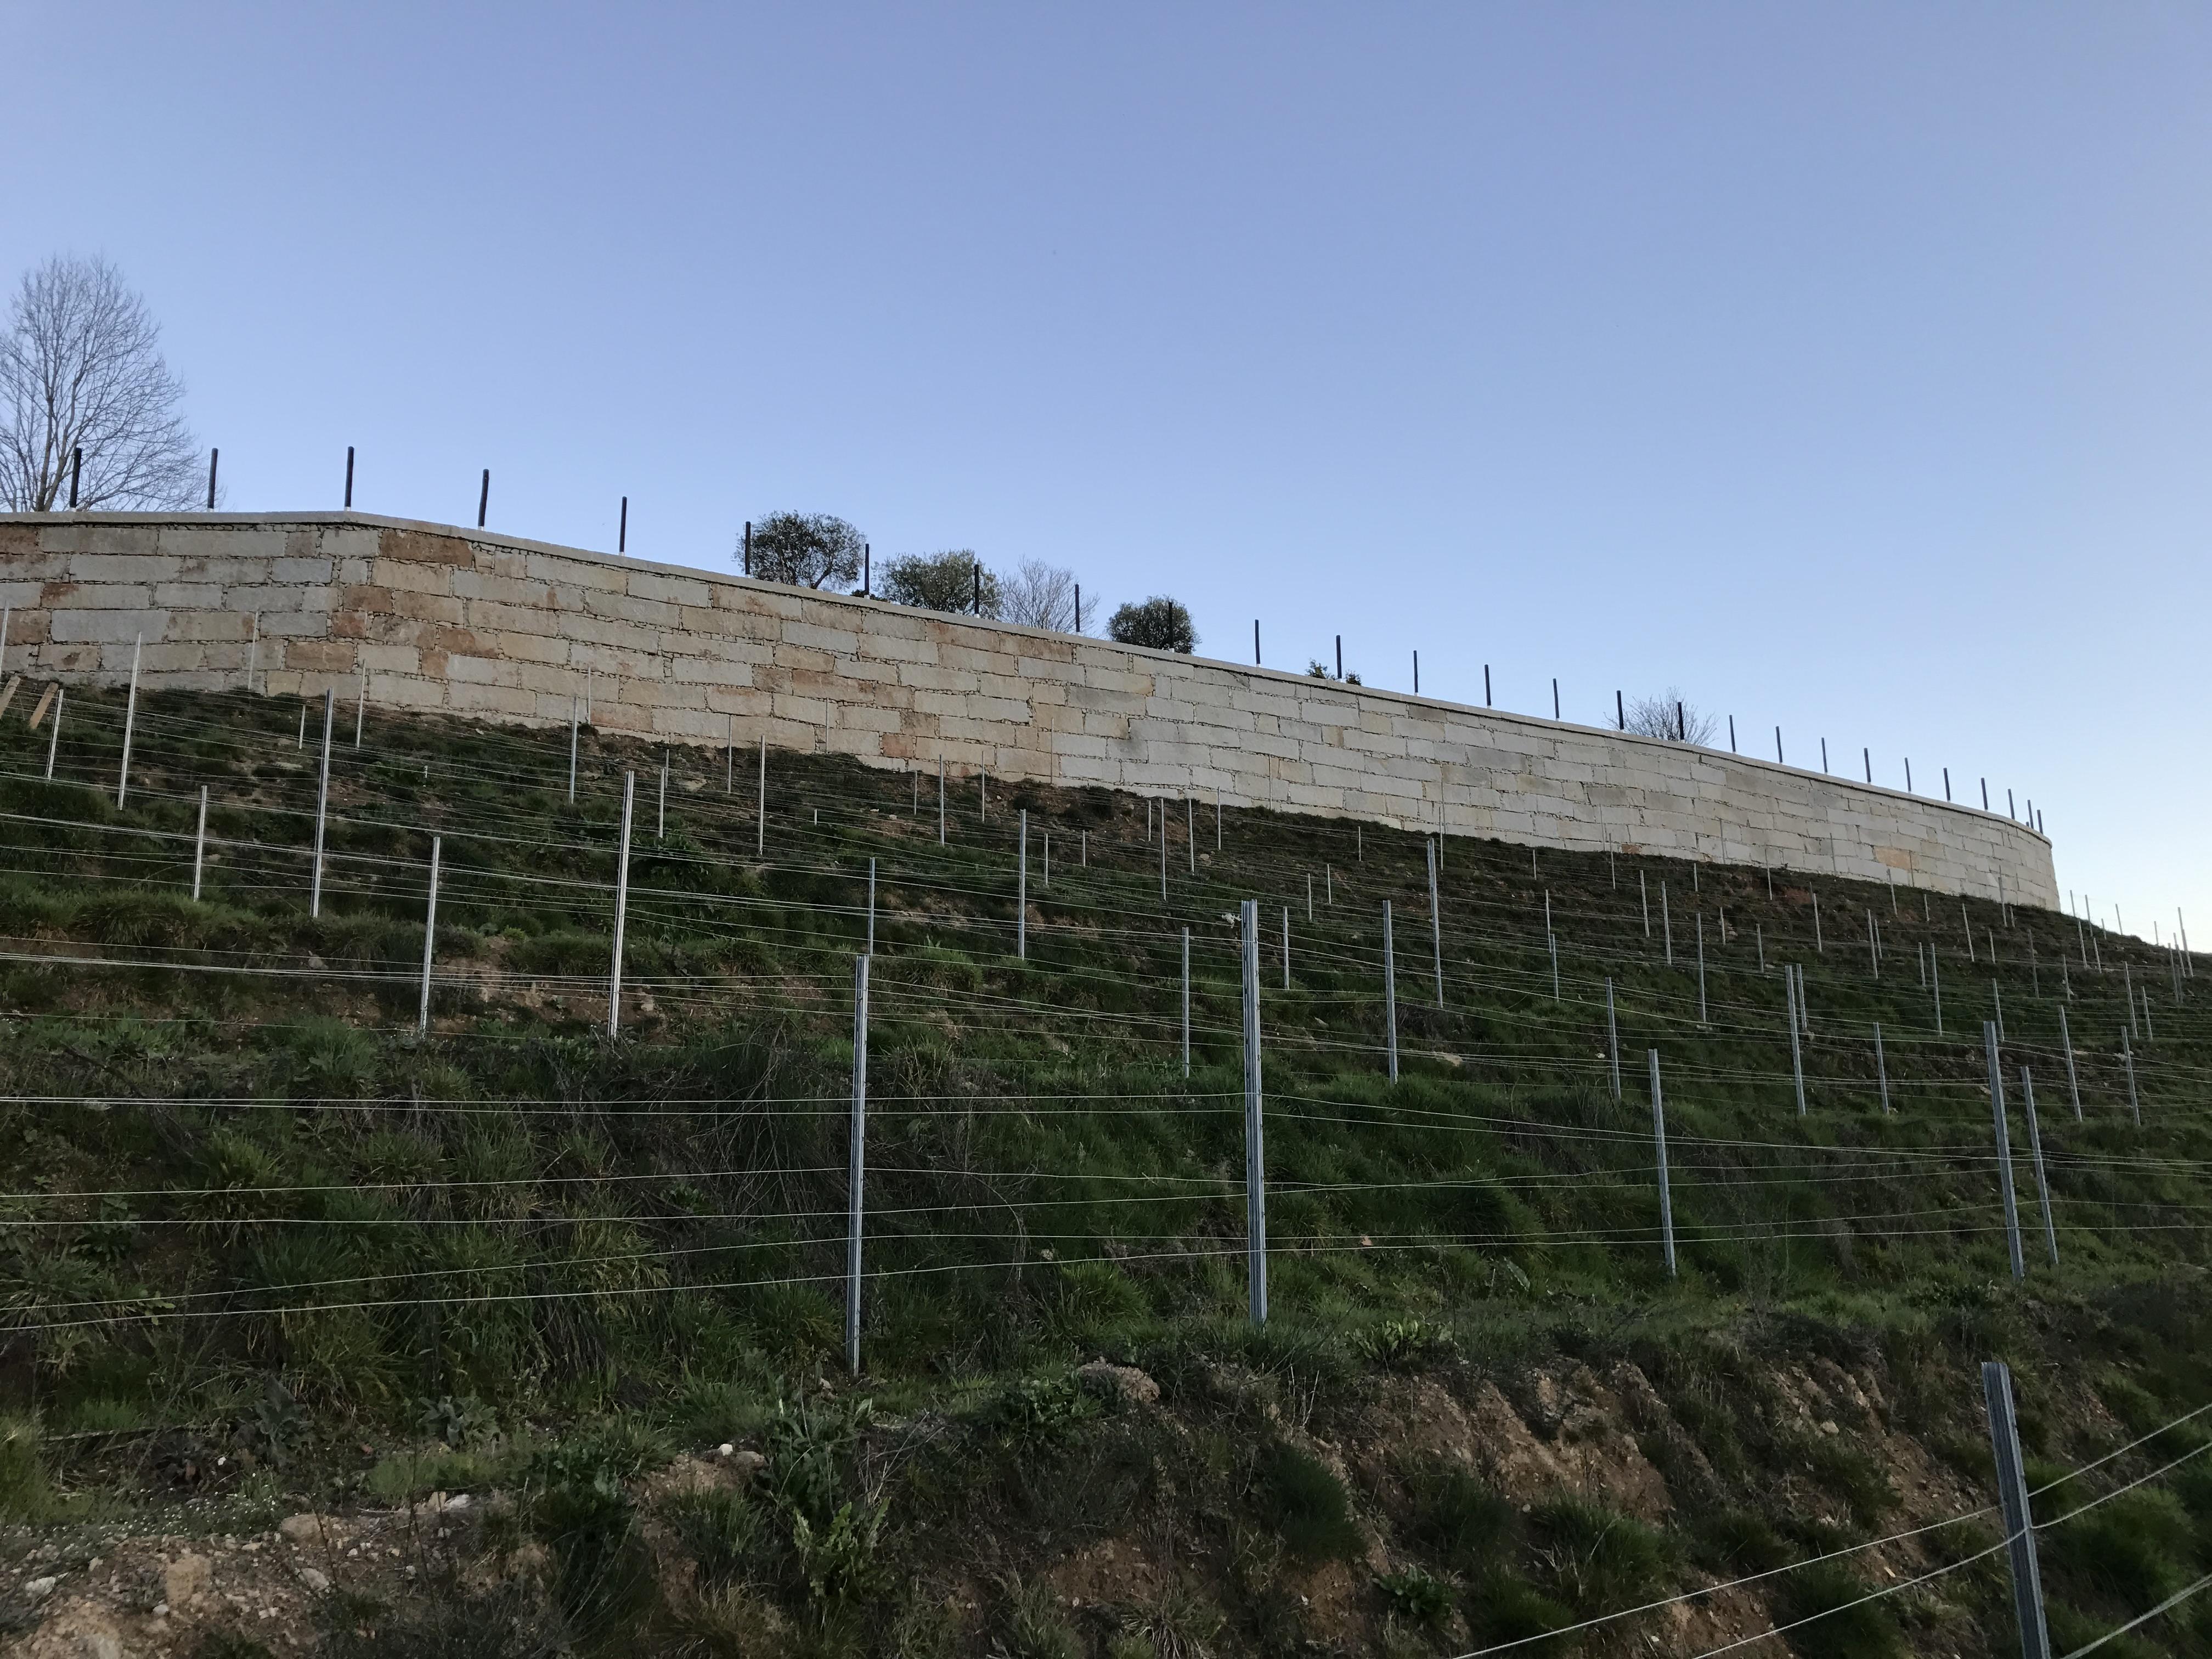 Muro contención mampostería